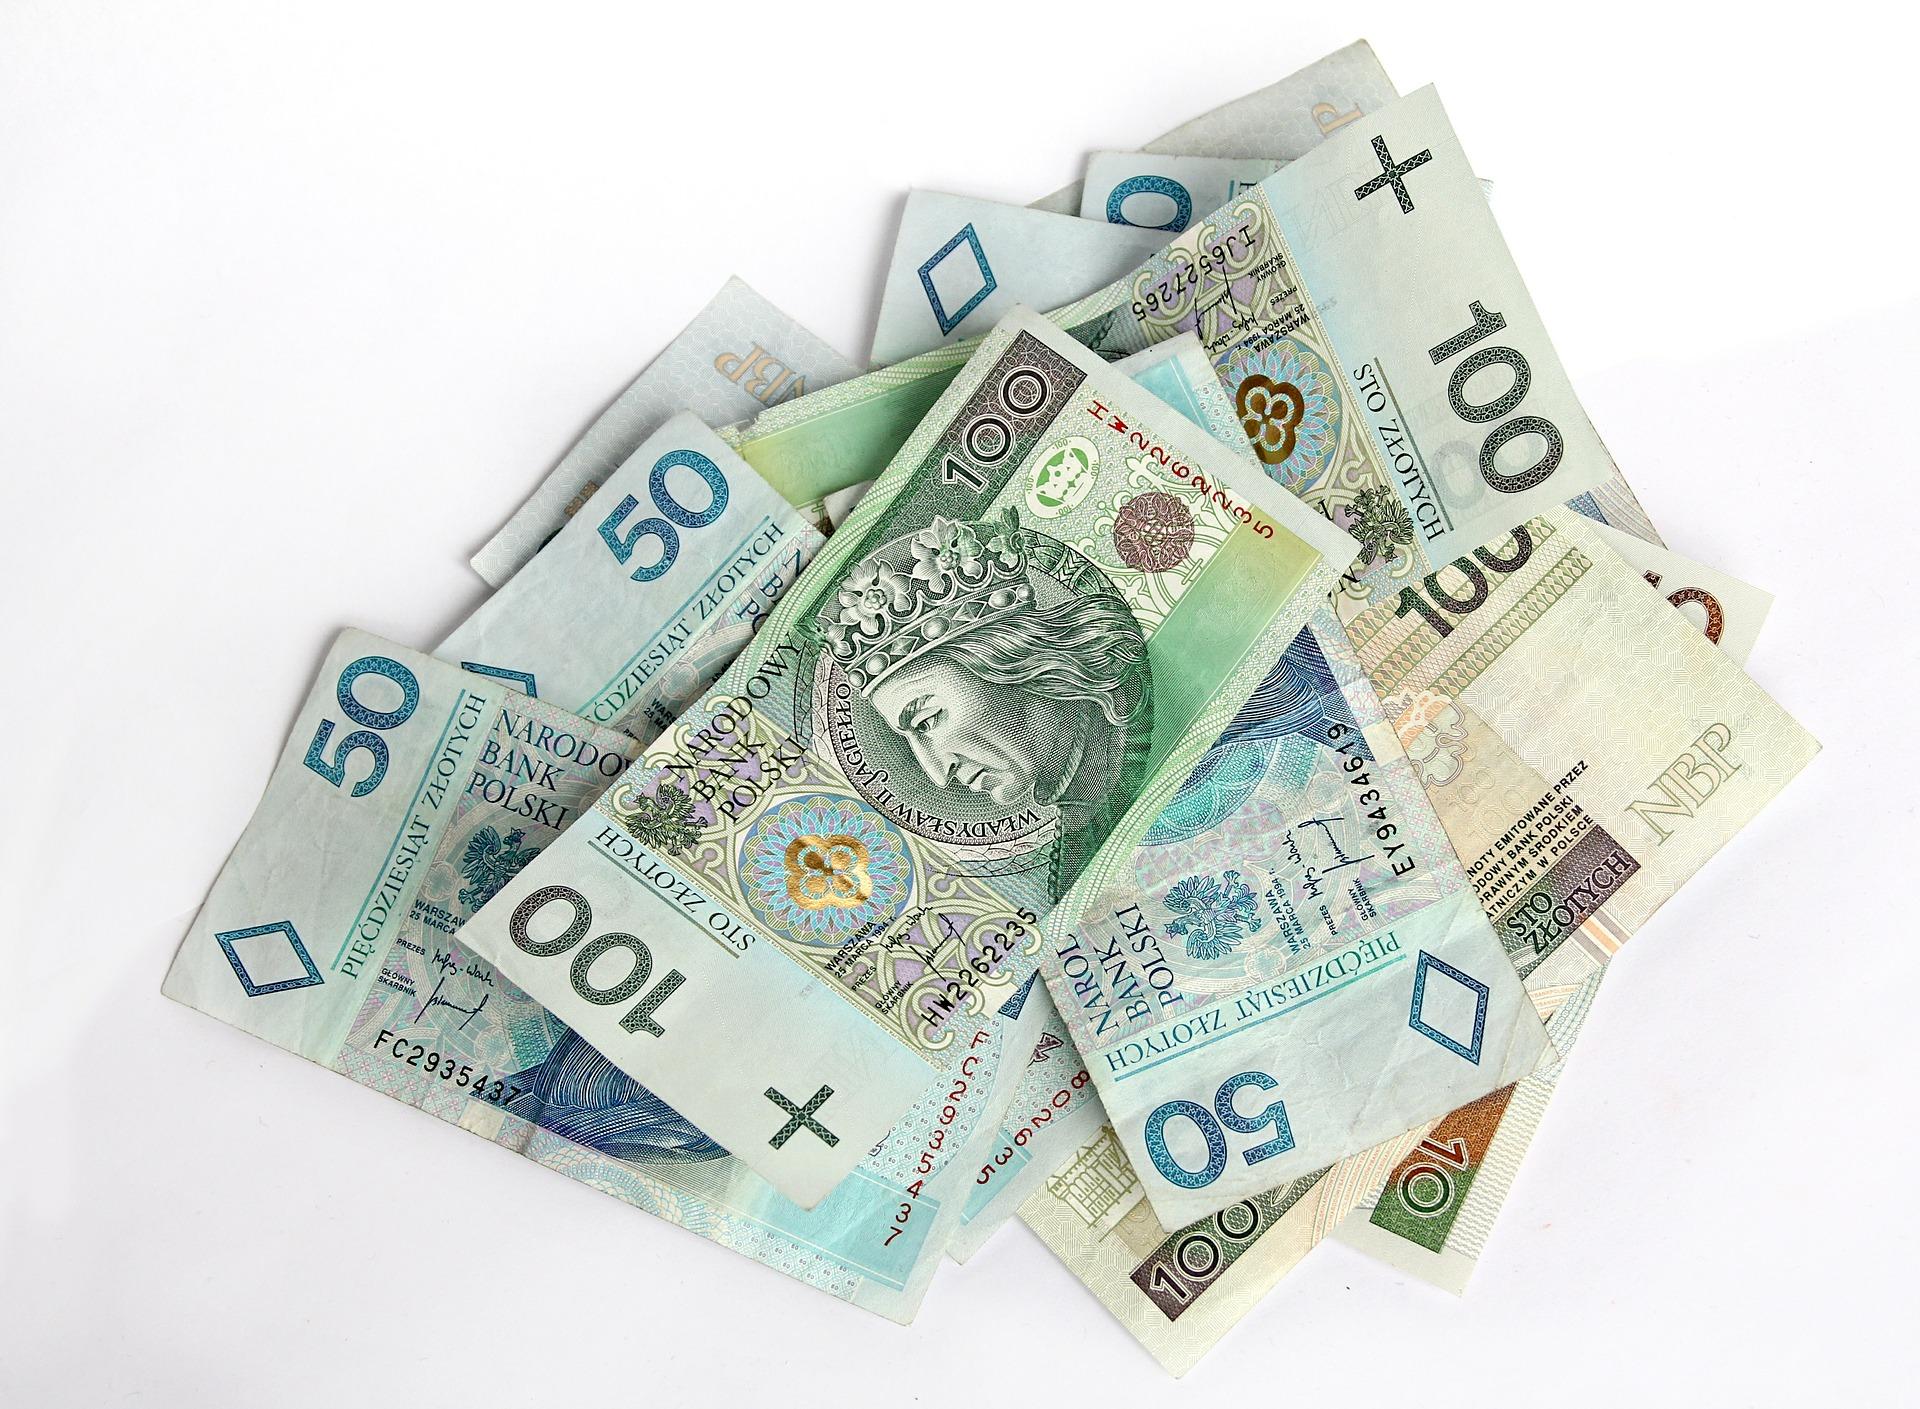 forex-zysk-trading-strategia renko-scalping-renko-trader-dax-waluty-sukces-inwestycje-price action